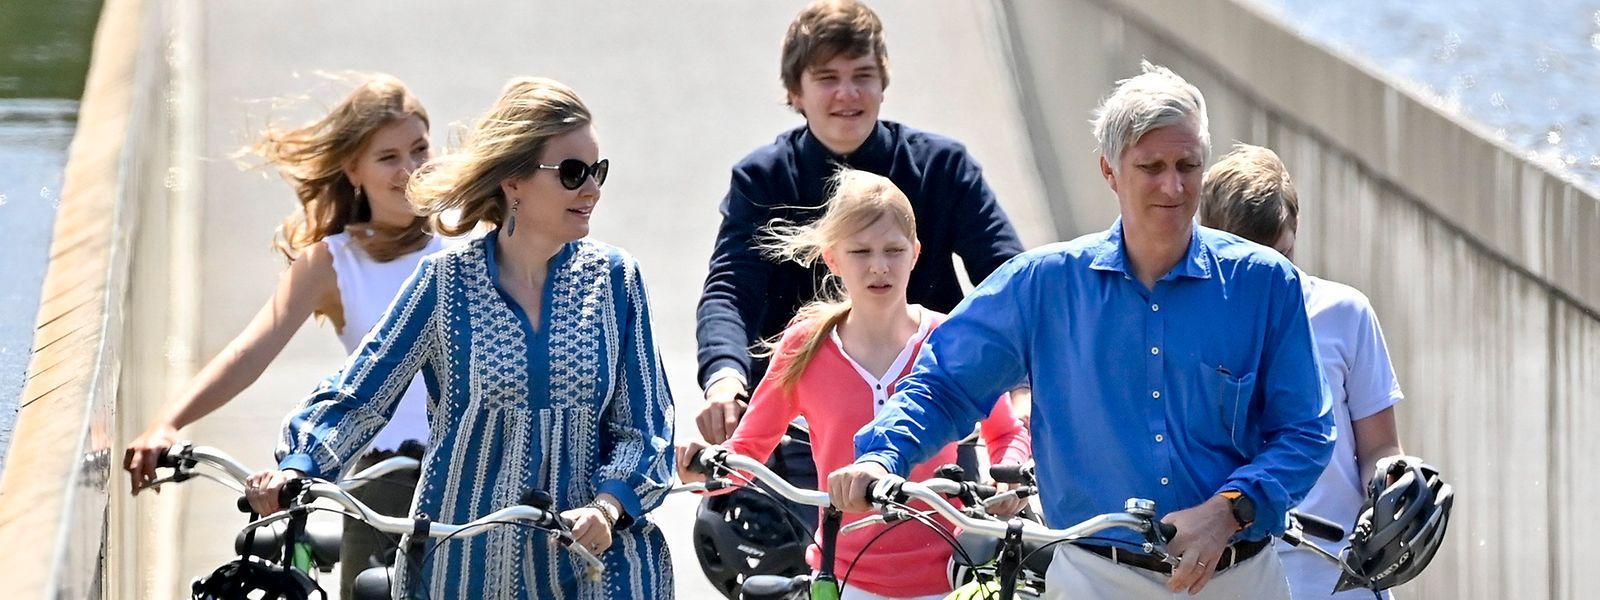 Die belgische Königsfamilie, Kronprinzessin Elisabeth (l-r), Königin Mathilde, Prinz Gabriel, Prinzessin Eleonore, König Philippe und Prinz Emmanuel, schieben ihre Fahrräder während ihres Besuchs im Bokrijk-Park über einen Radweg, der mitten durch einen See geht.